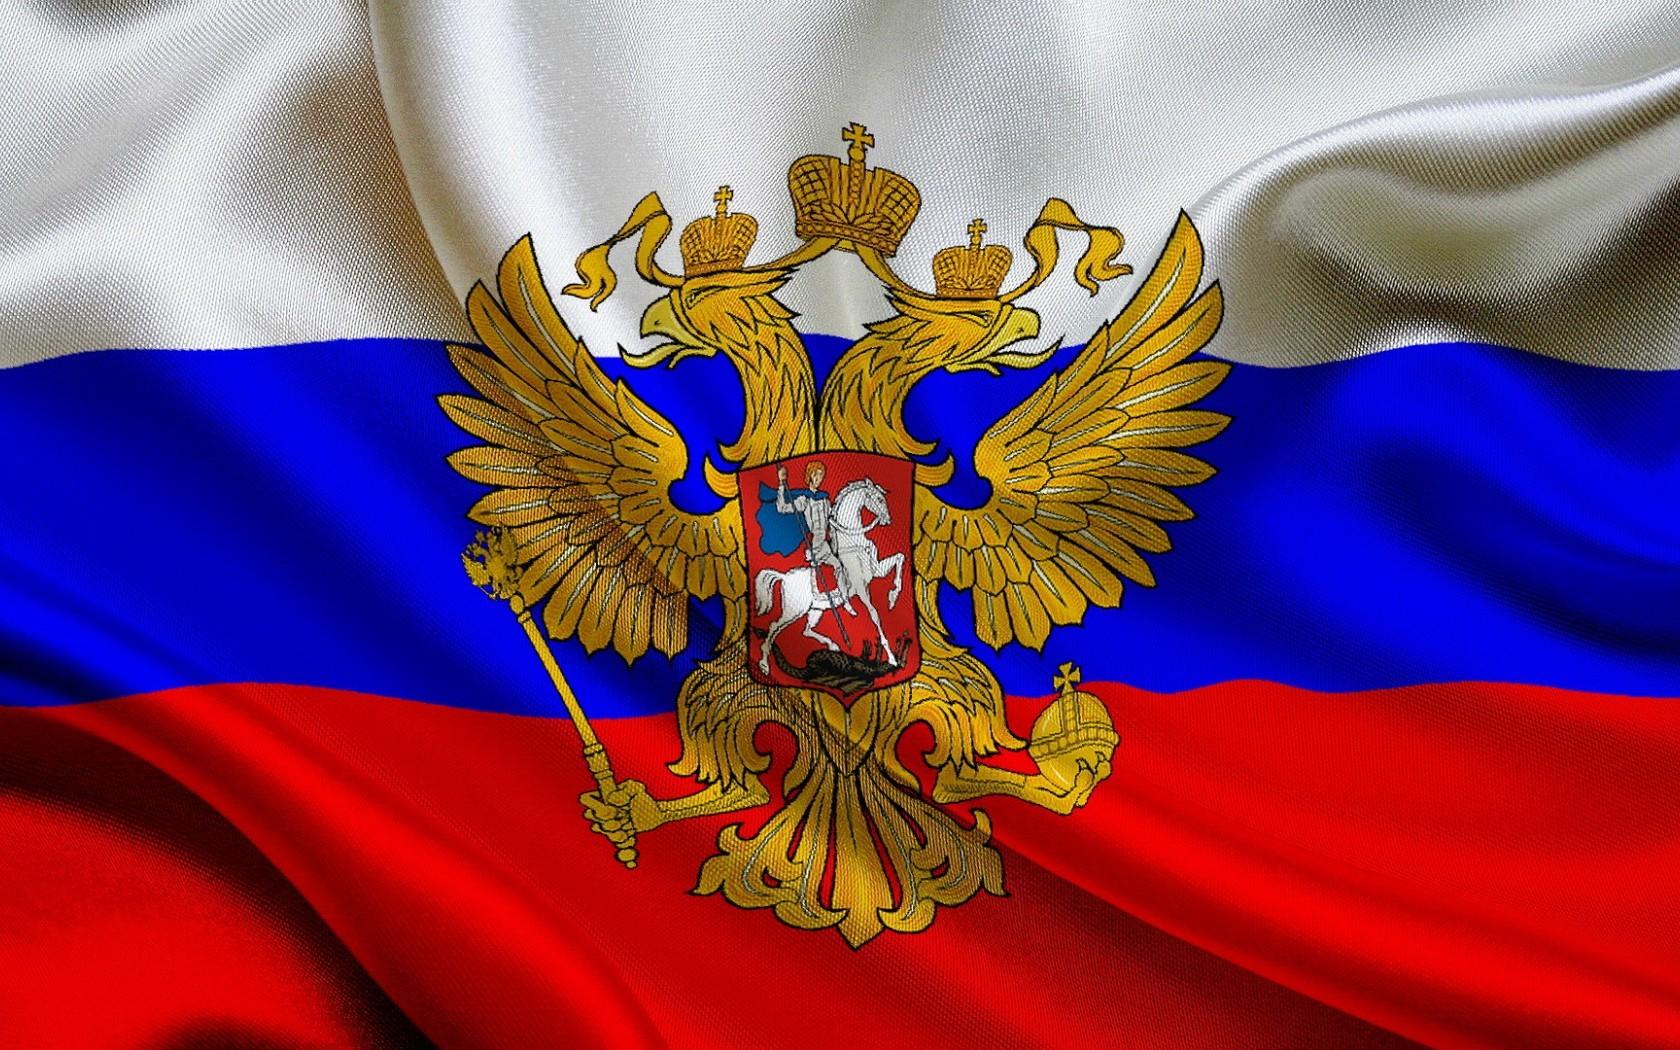 Специалист назвал европейскую страну, где РФ будет дестабилизировать ситуацию